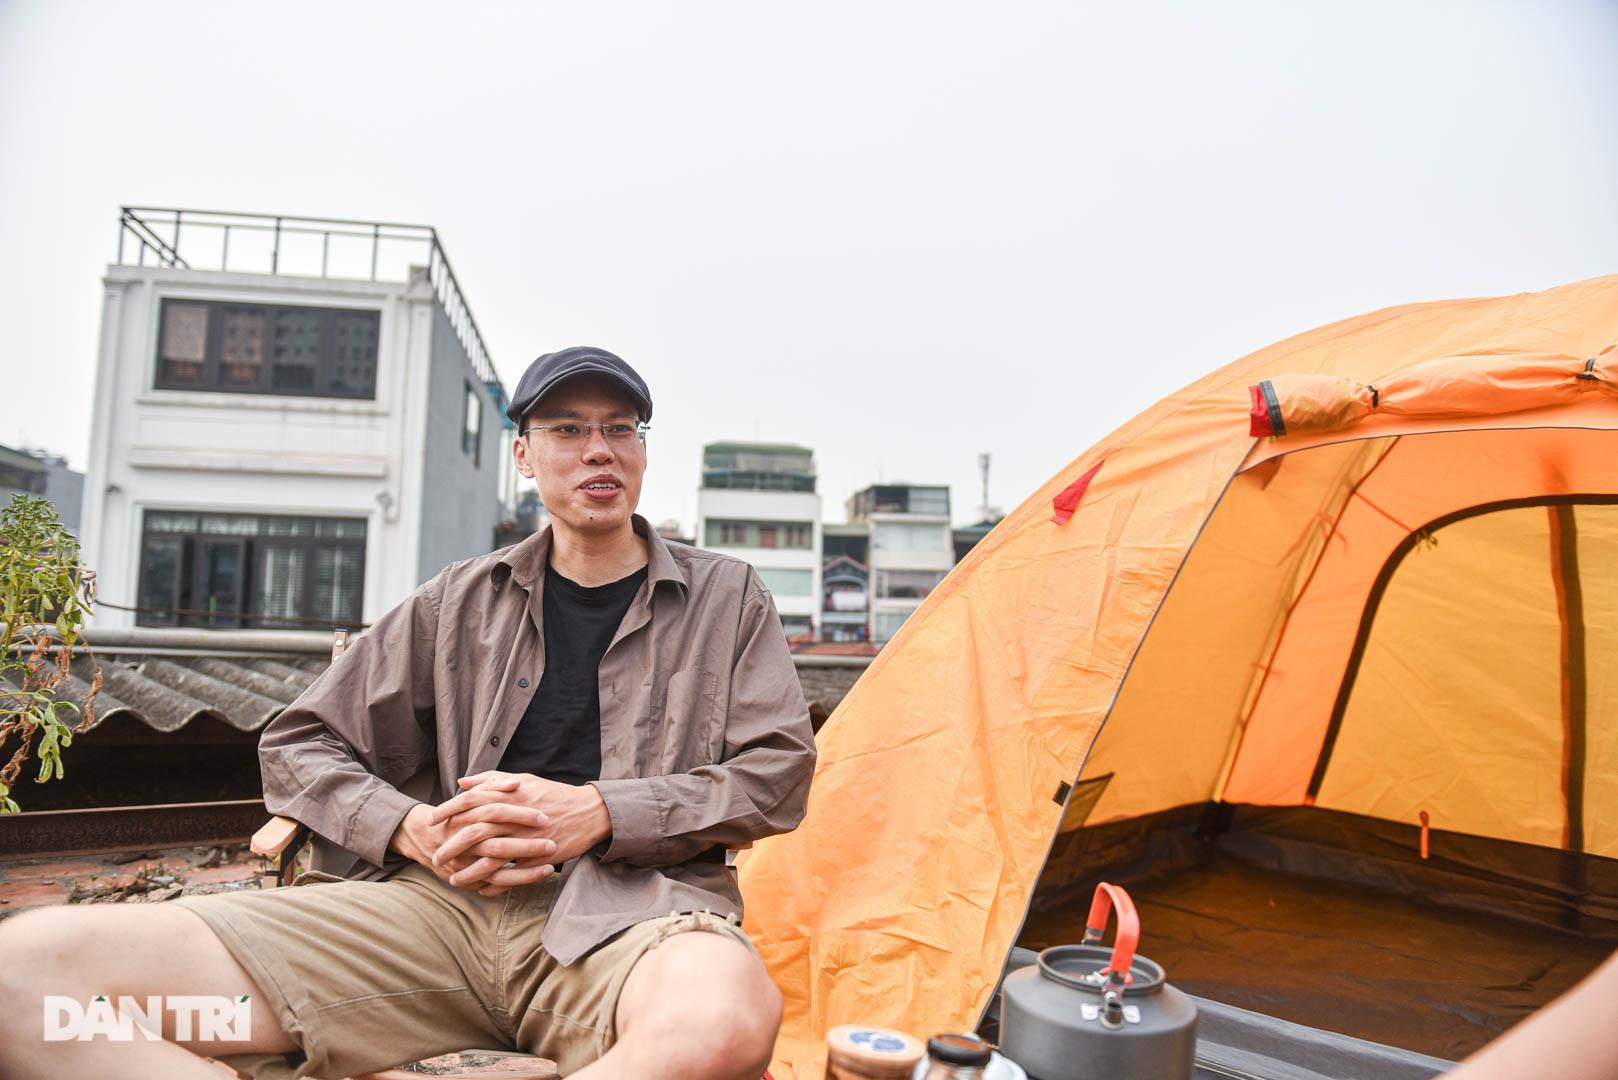 Thèm du lịch, giới trẻ đầu tư cắm trại tại gia: Chỉ ngắm nóc nhà vẫn vui-2